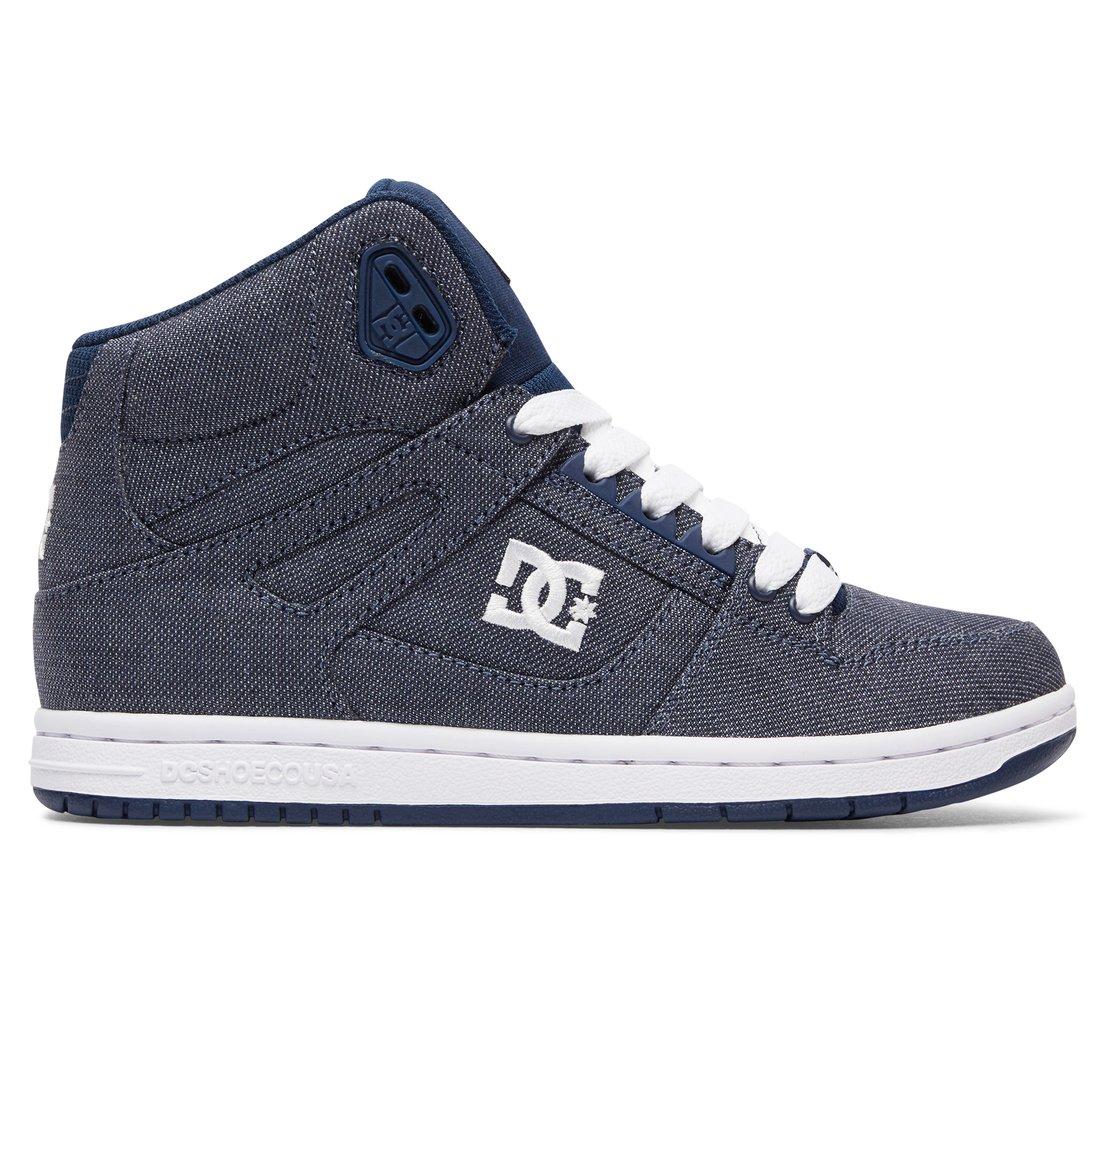 DC Rebound High Tx Blue Sneakers cheap sale amazon 75g97LFy